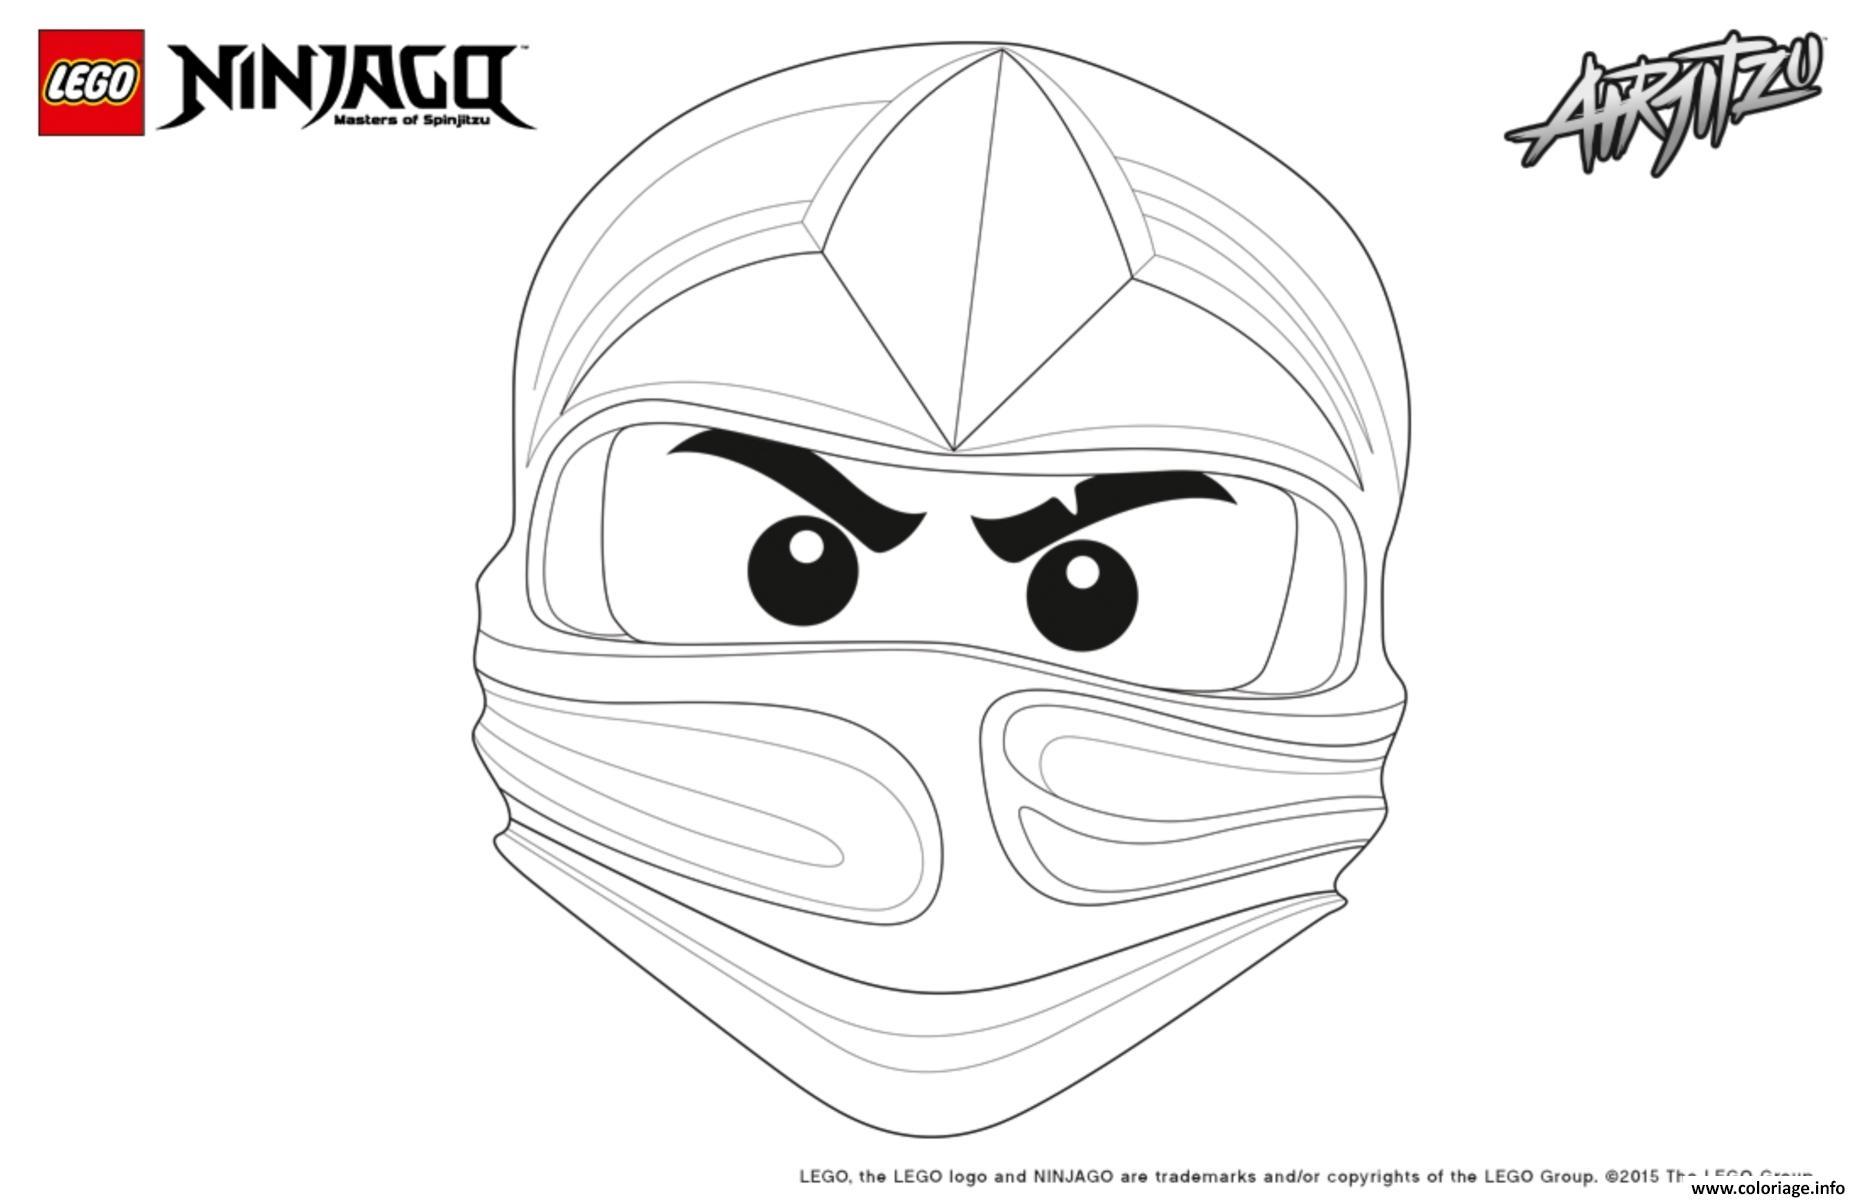 Coloriage ninjago lego visage kai dessin - Dessin de lego ninjago ...